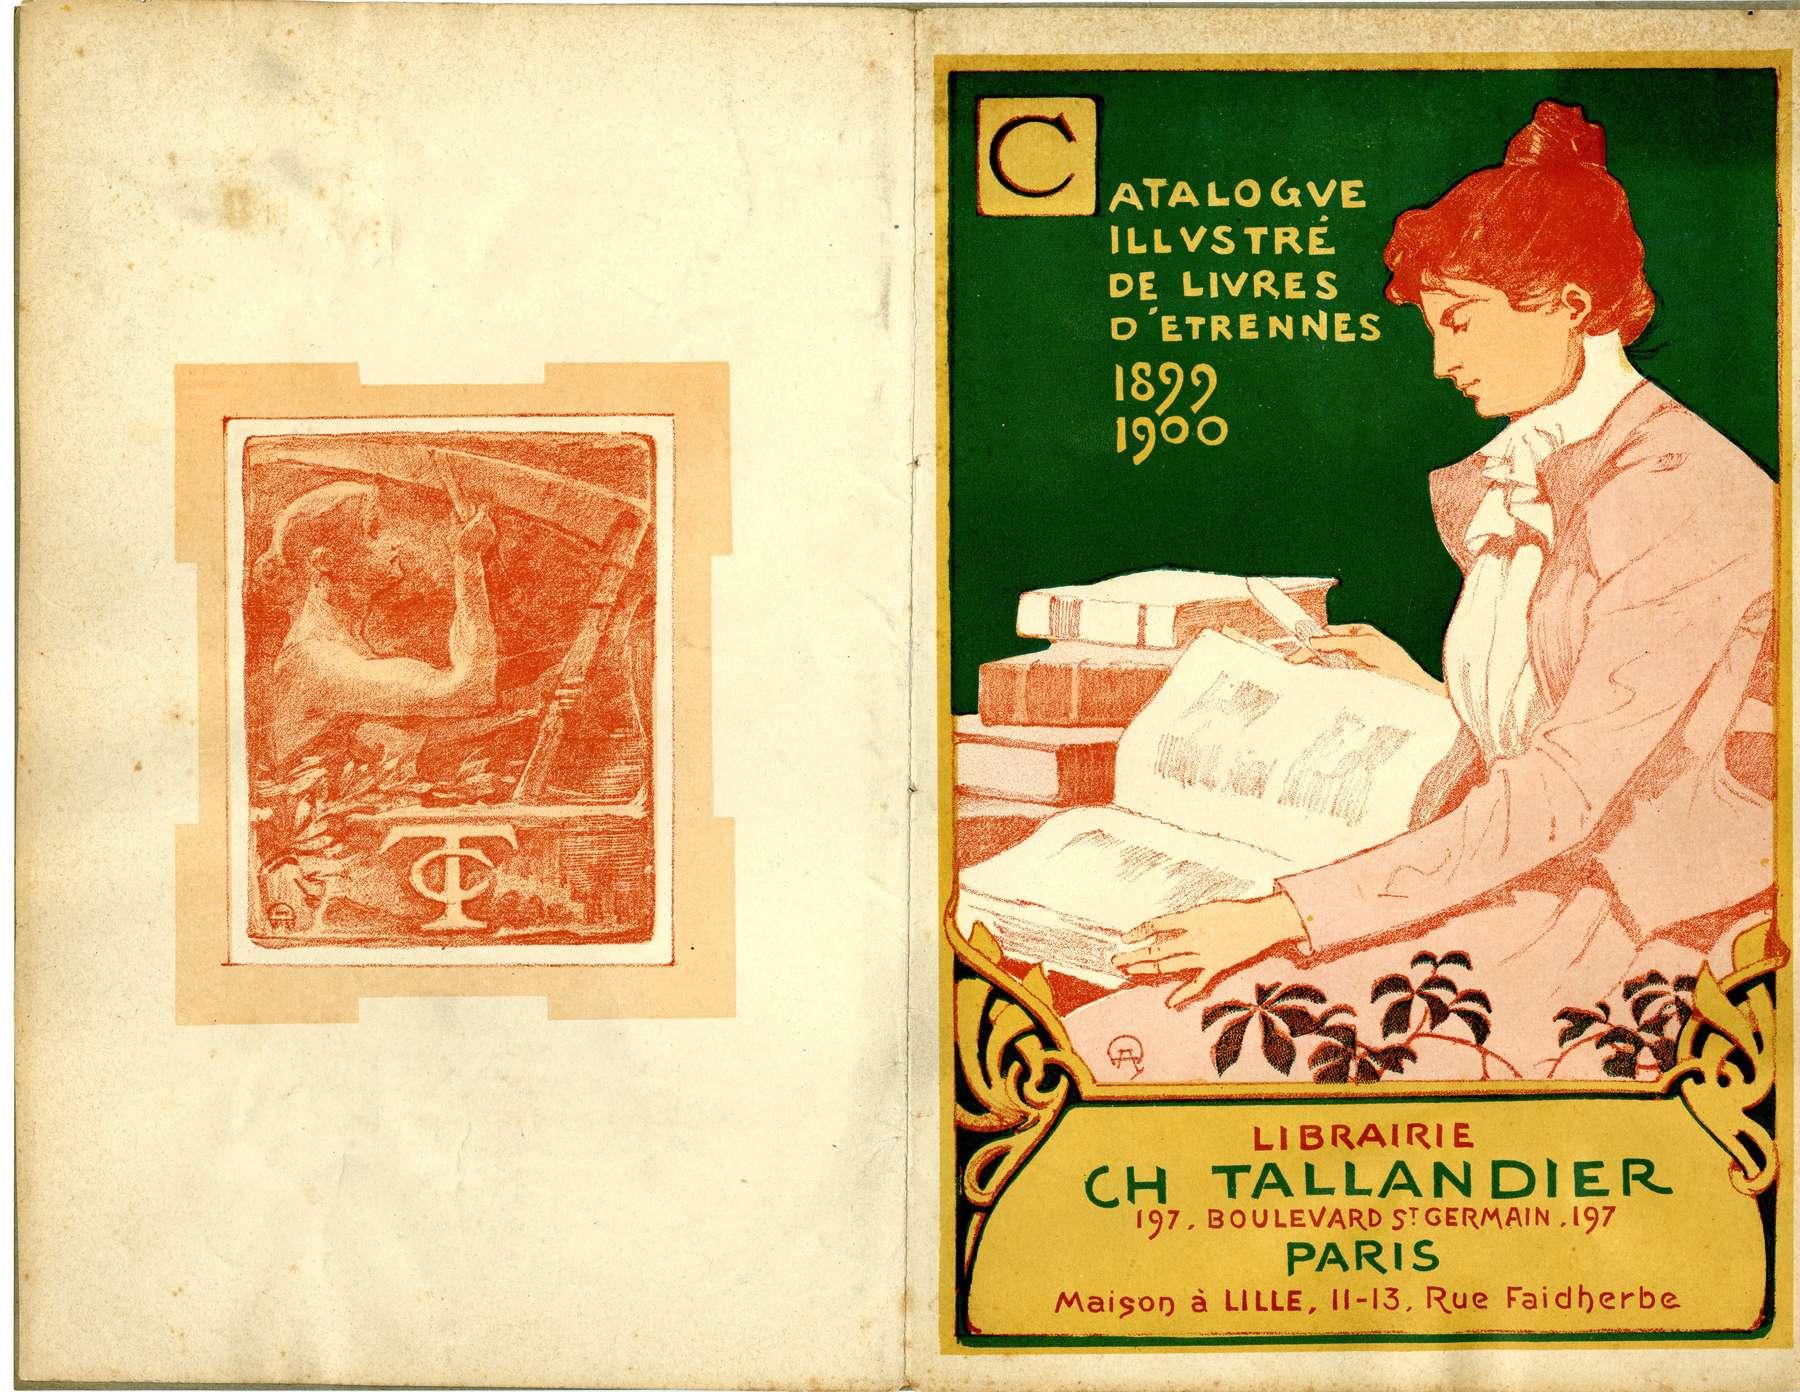 Contenu du Catalogue illustré de livres d'étrennes